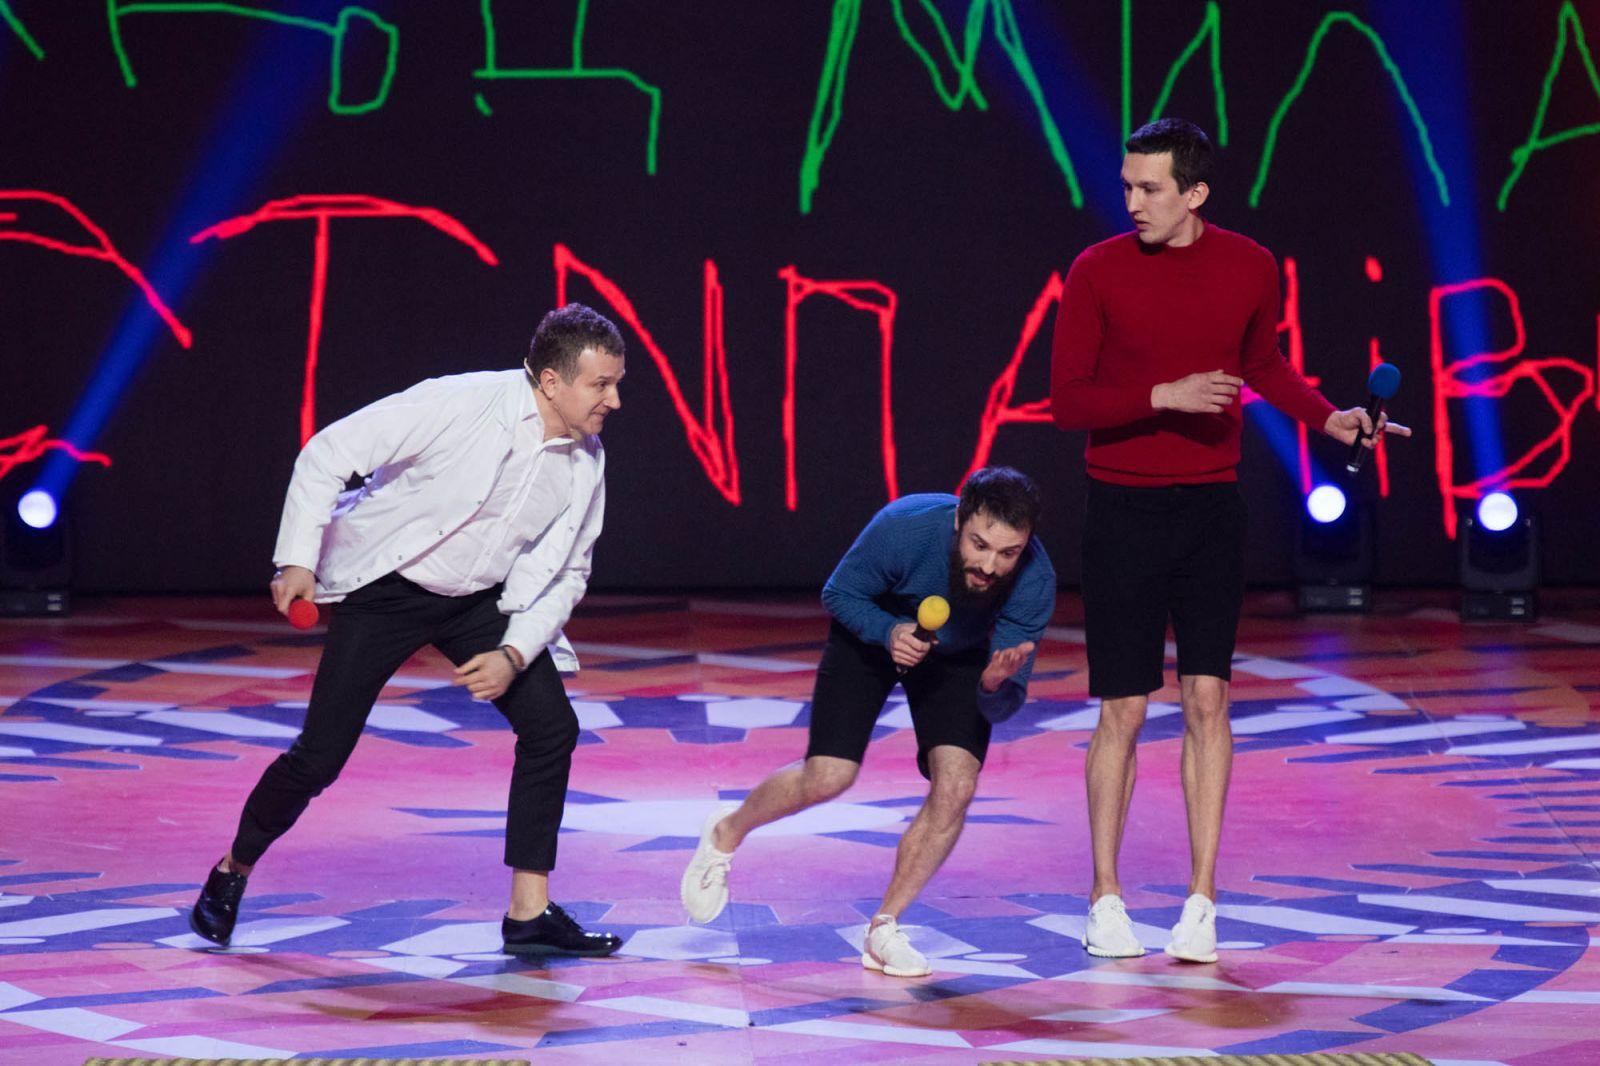 Владимир Зеленский продемонстрировал на сцене свою спортивную форму